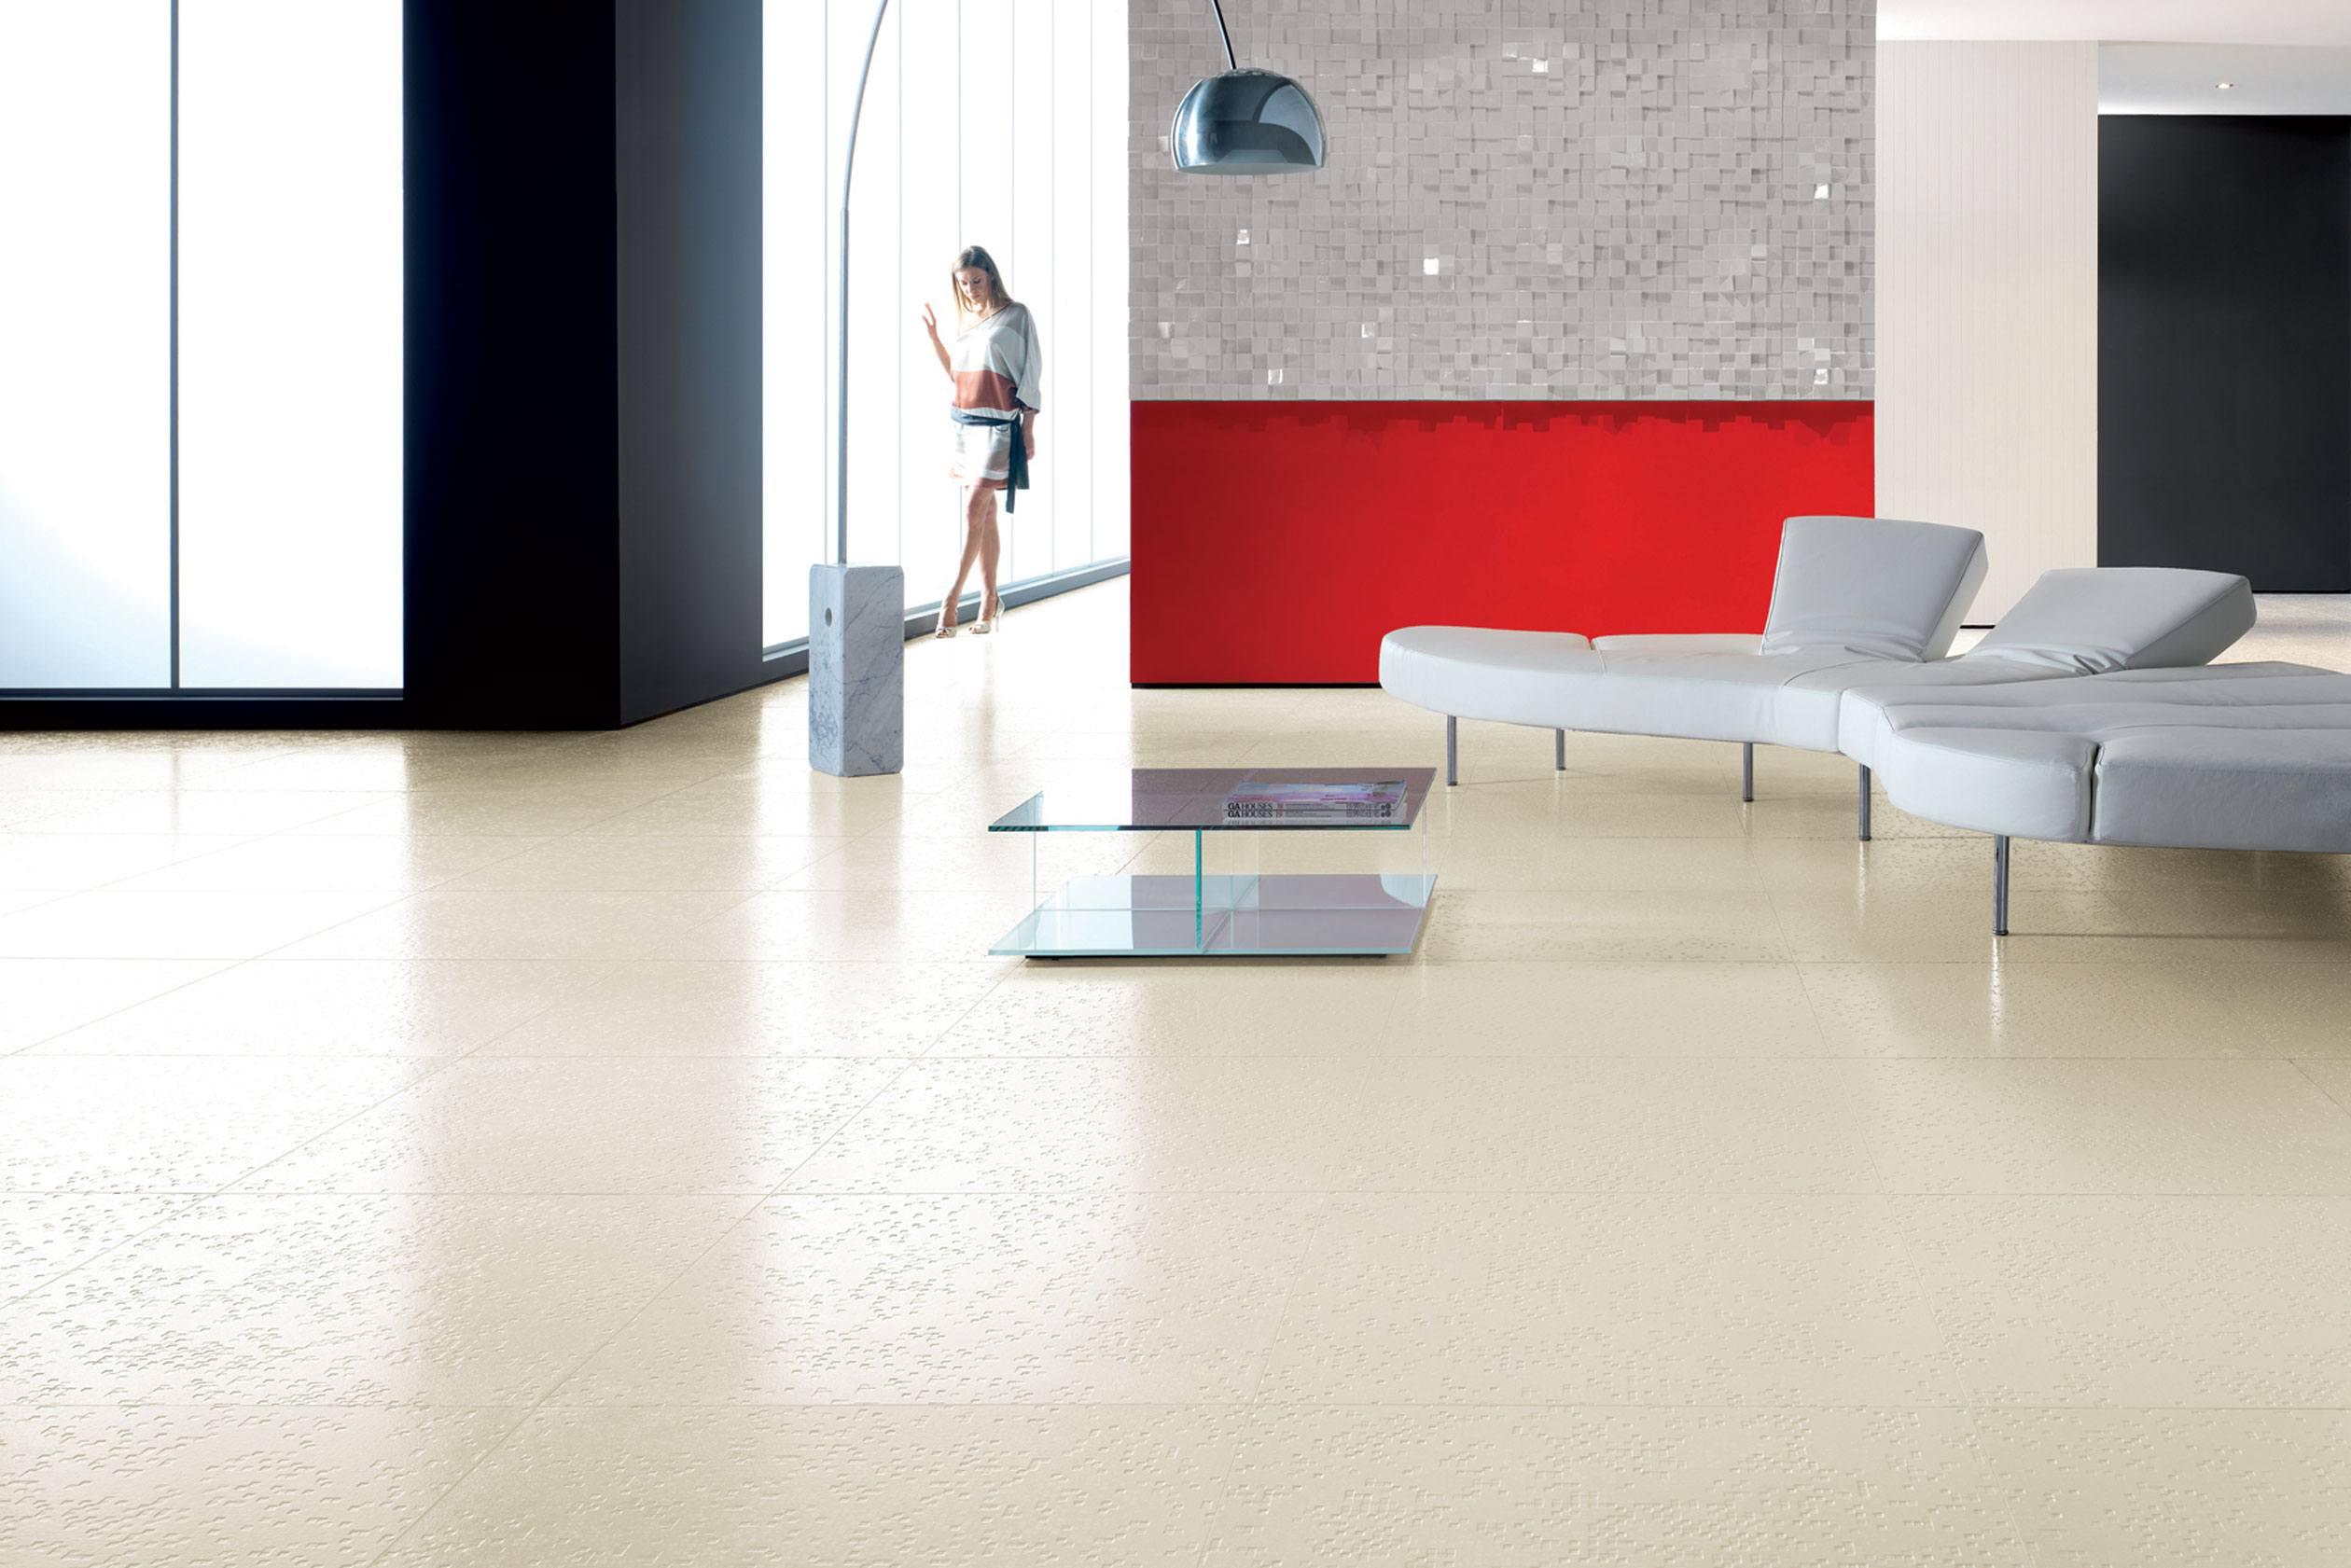 Berdy_Onderhoud en reinigen van keramische tegels